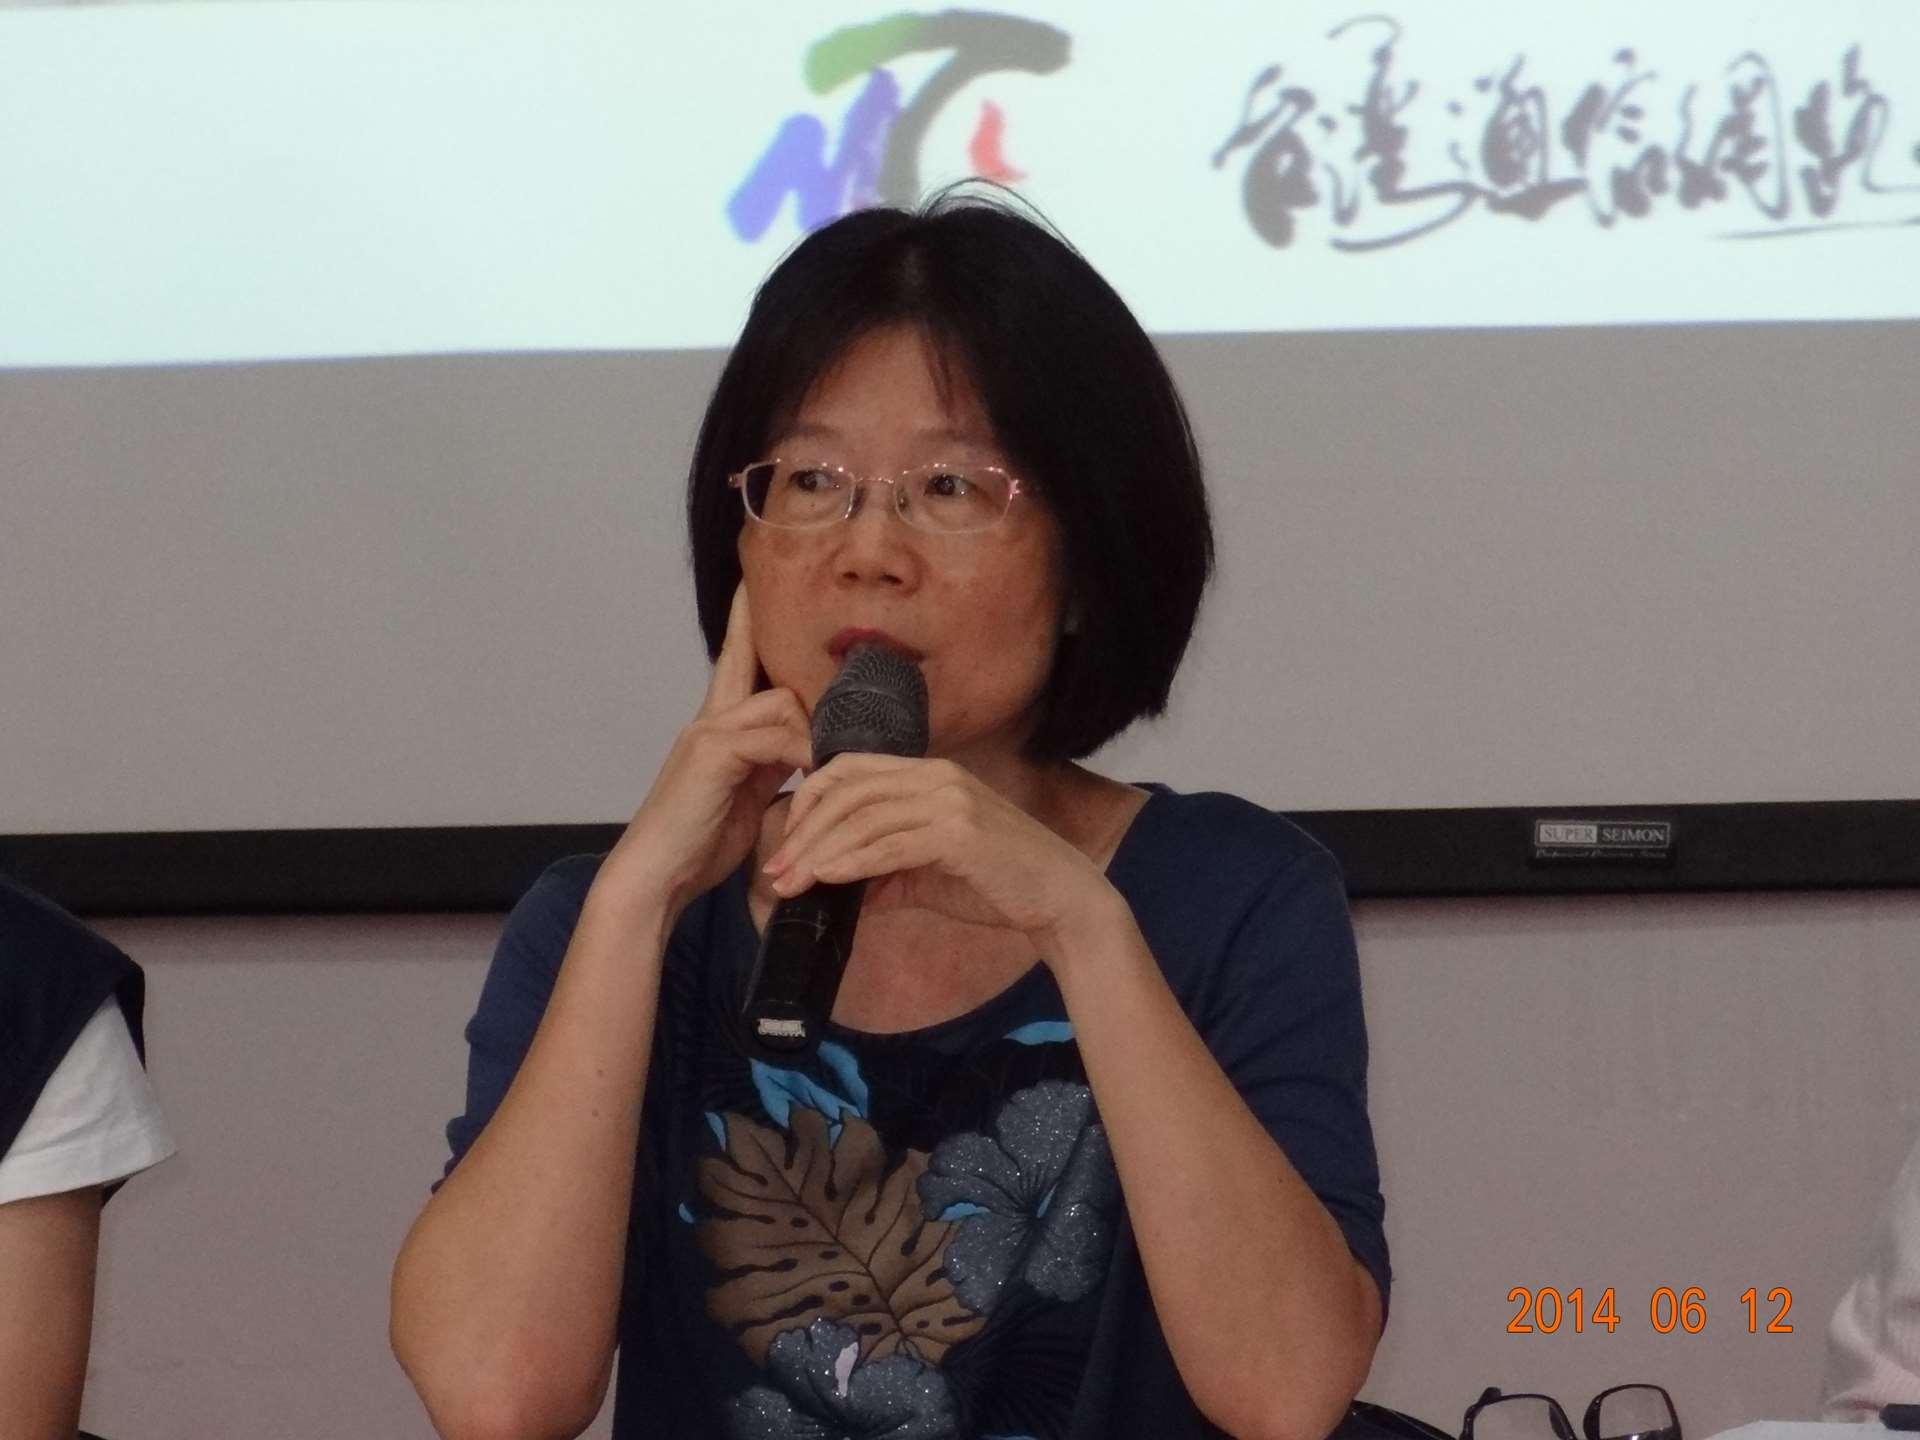 20140612 中華電信派遣工:「要請育嬰假先填離職申請」 | TNU-台灣通信網 ...